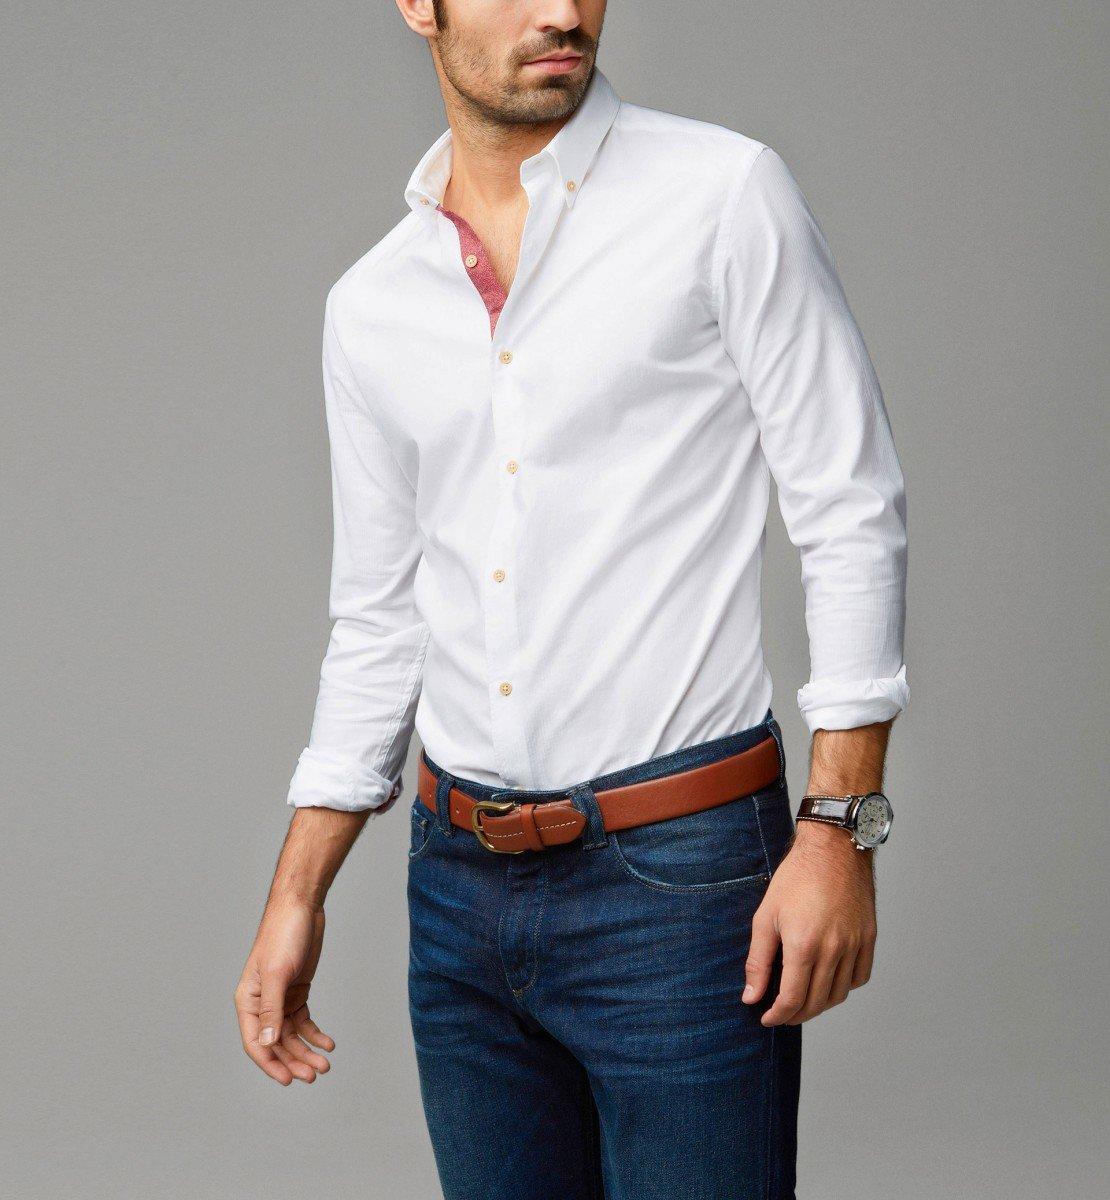 что белая рубашка и джинсы картинки принятом россии